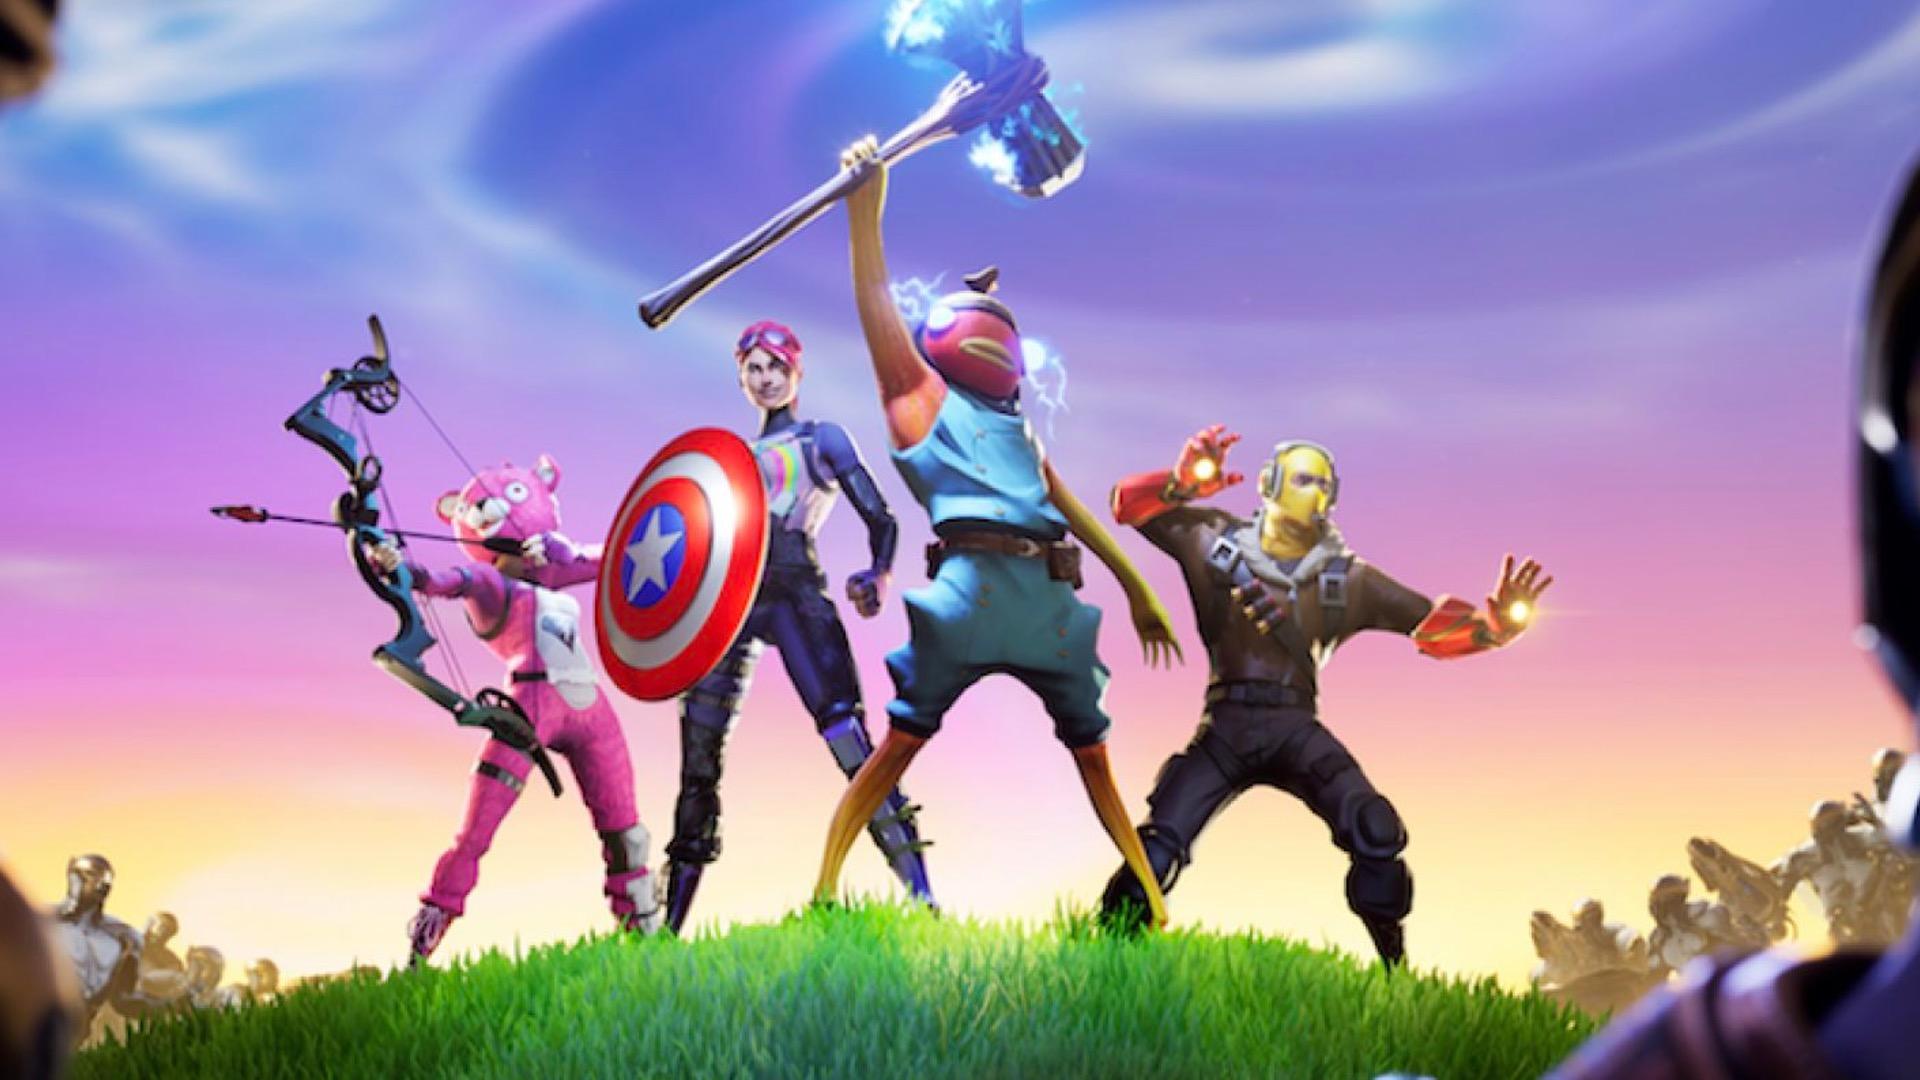 Fortnite super heroes